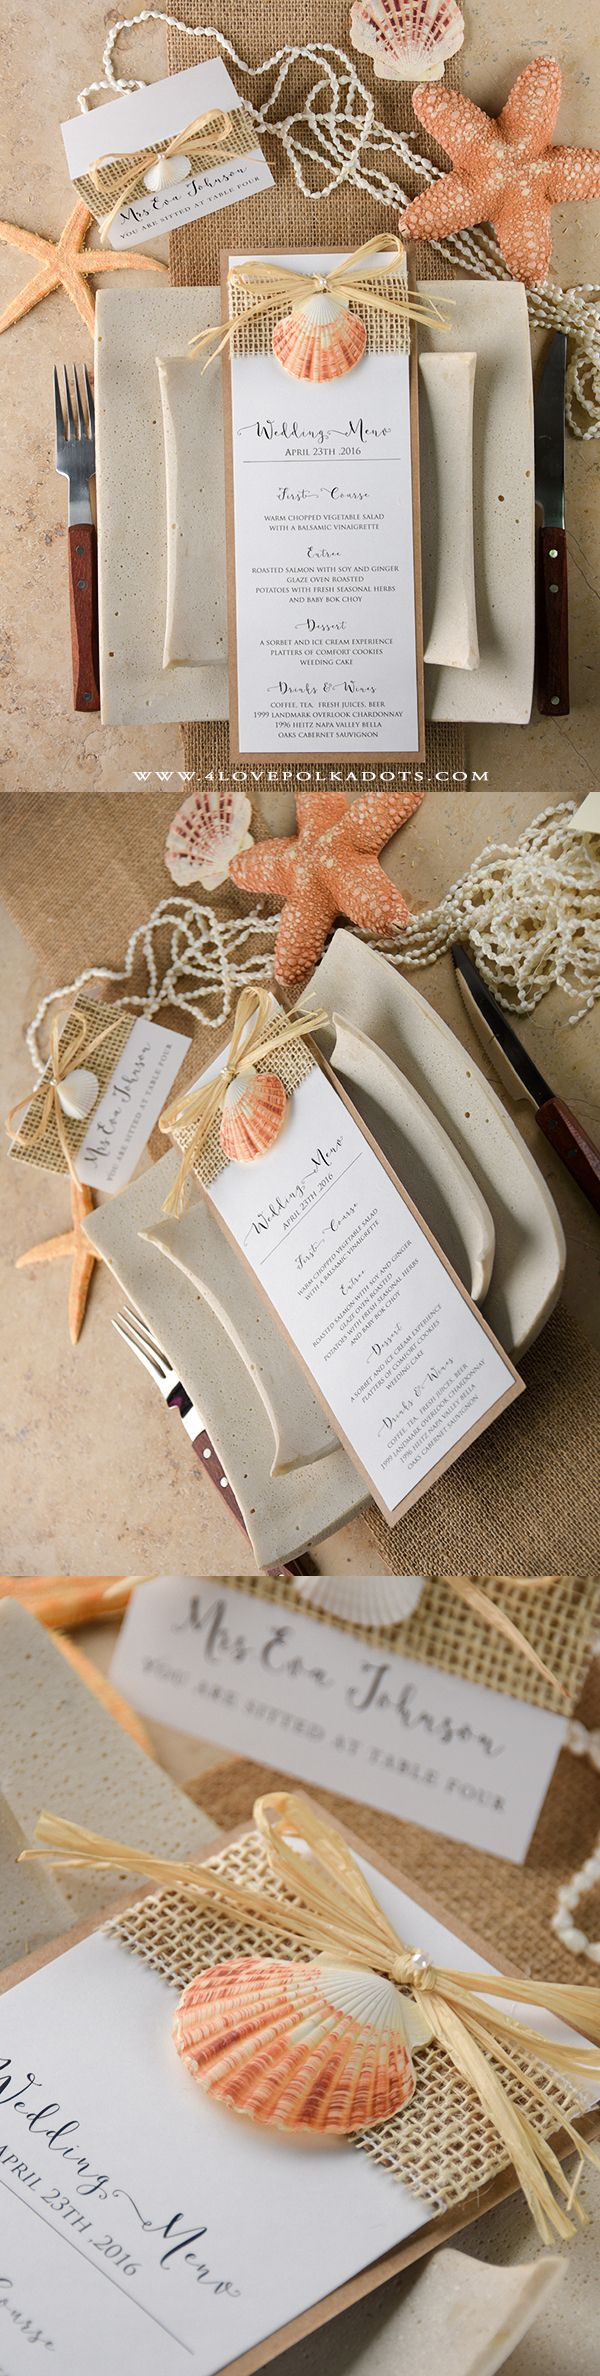 Beach Wedding Menu Card #beachwedding #seashell #handmade #destinationwedding